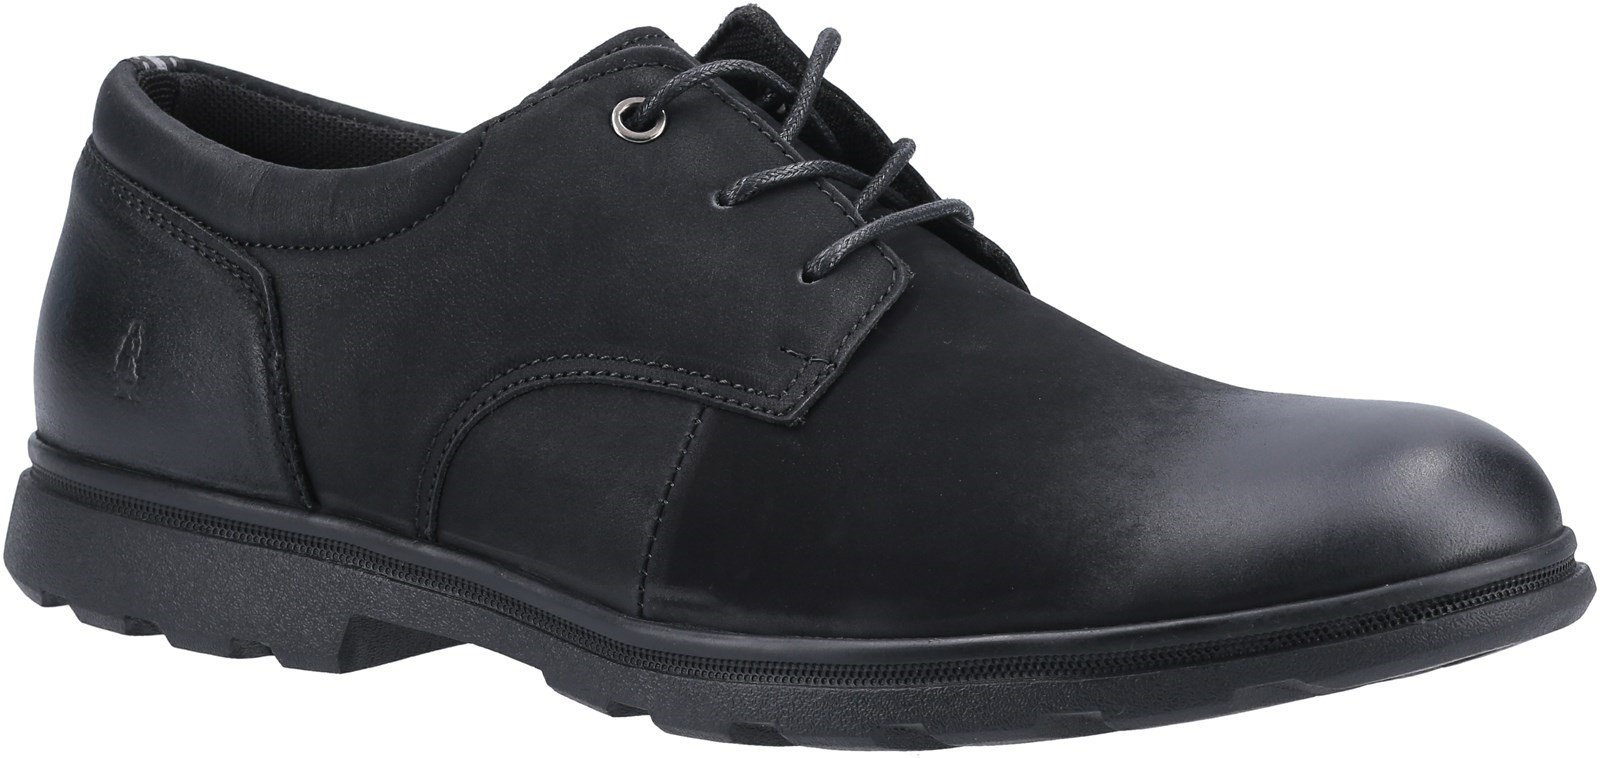 Hush Puppies Men's Trevor Lace Derby Shoe Various Colours 31243 - Black 6